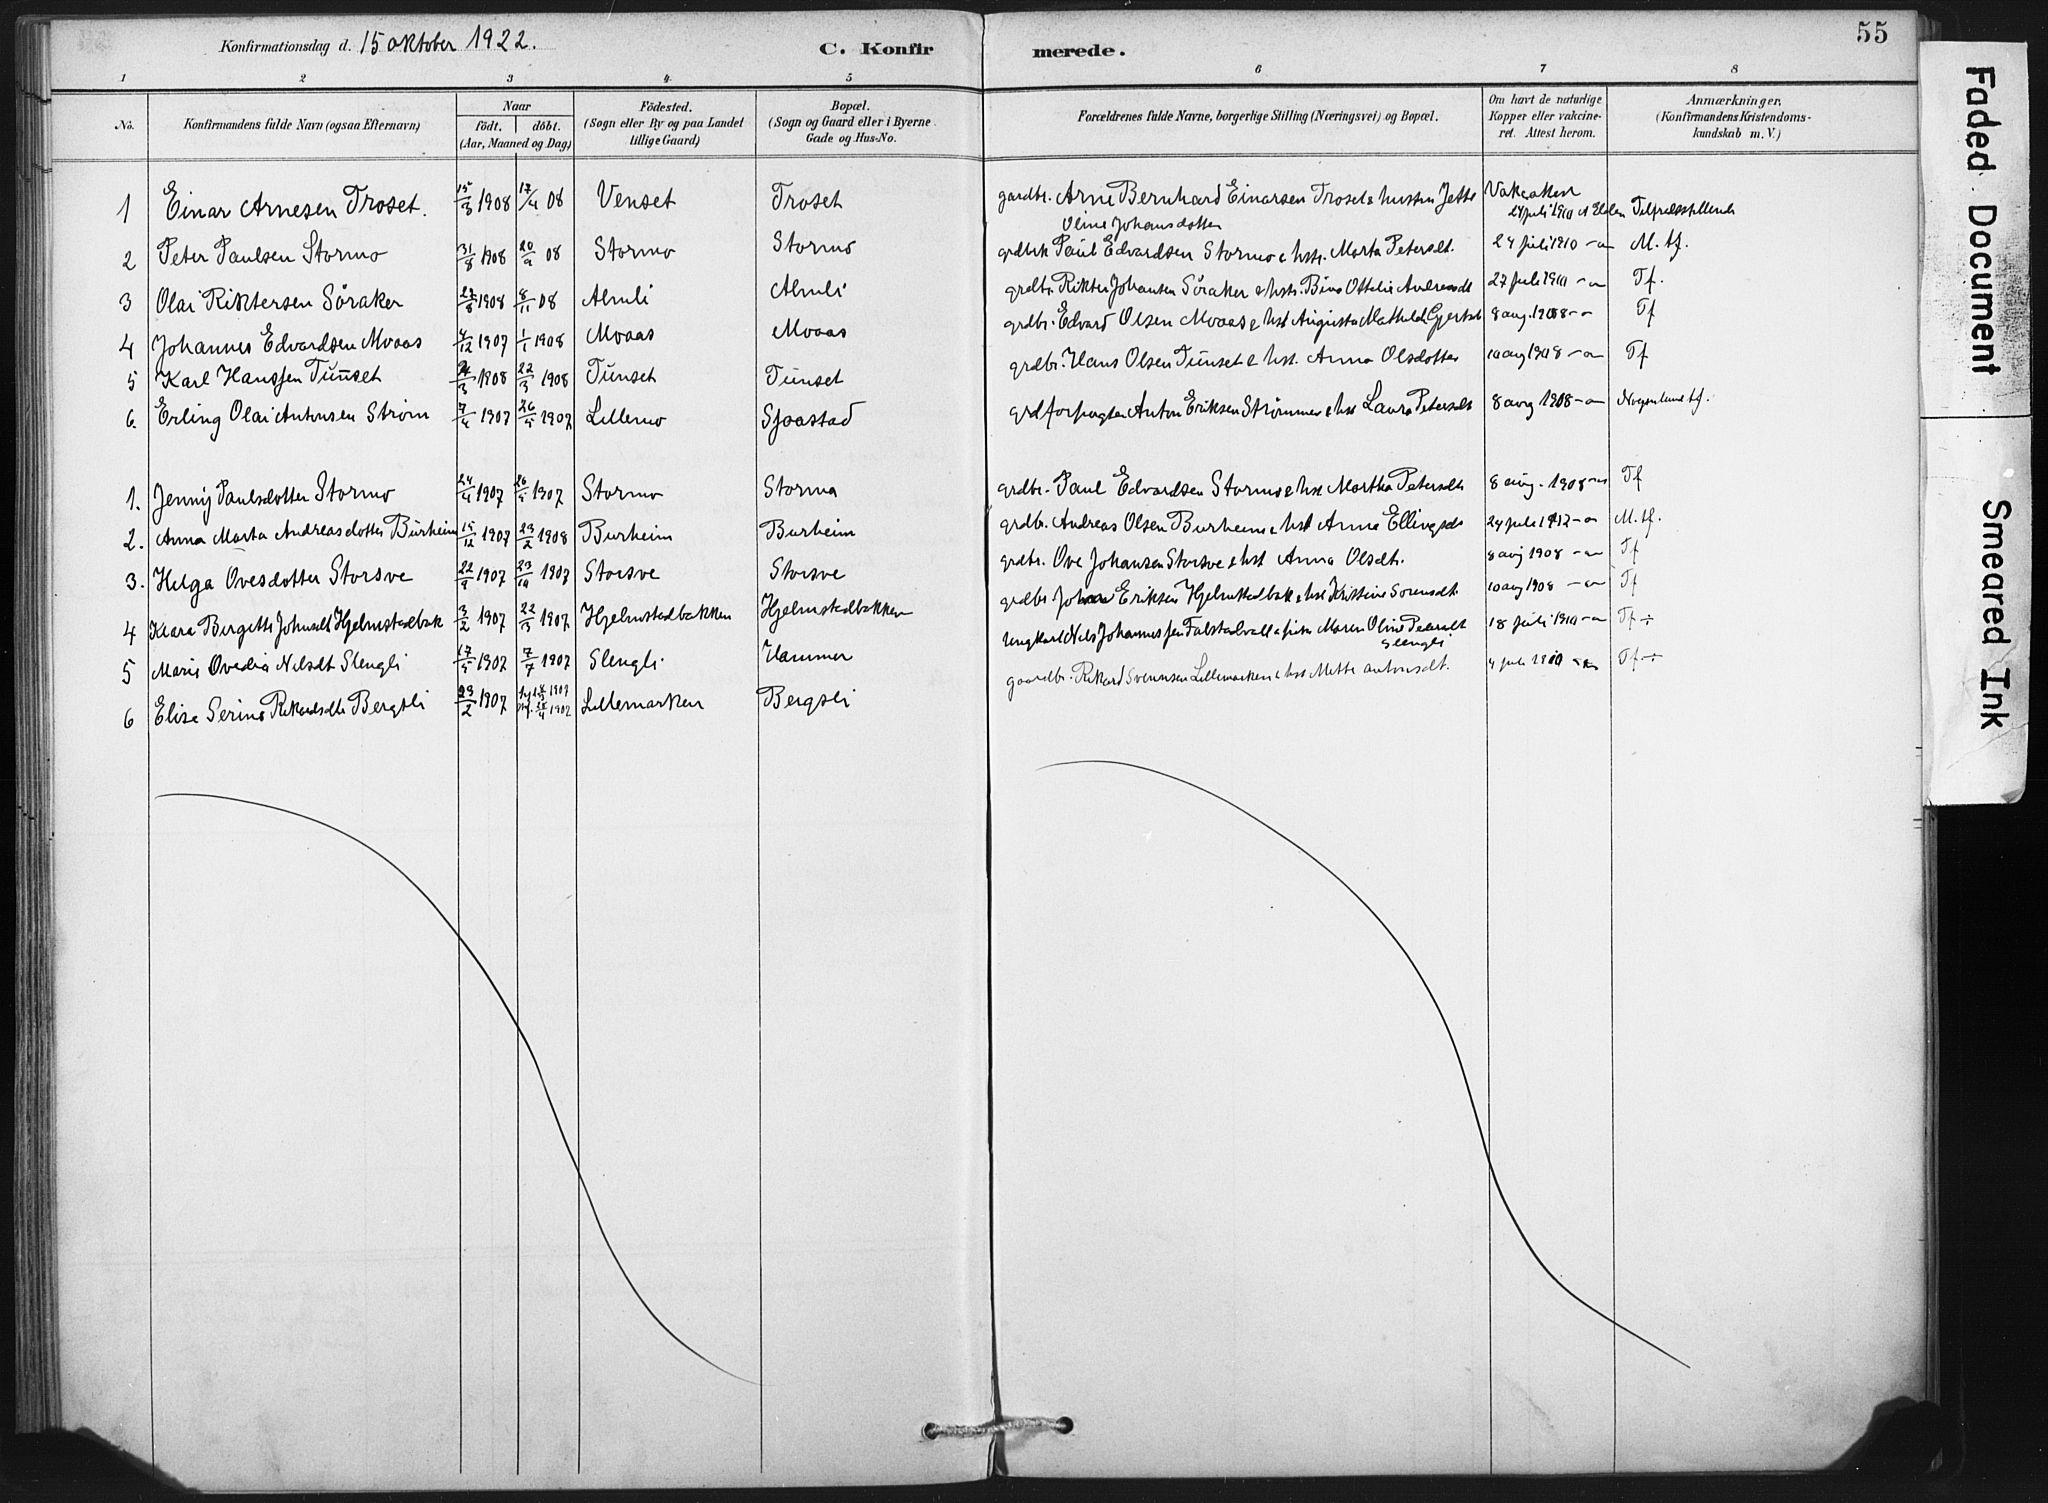 SAT, Ministerialprotokoller, klokkerbøker og fødselsregistre - Nord-Trøndelag, 718/L0175: Ministerialbok nr. 718A01, 1890-1923, s. 55